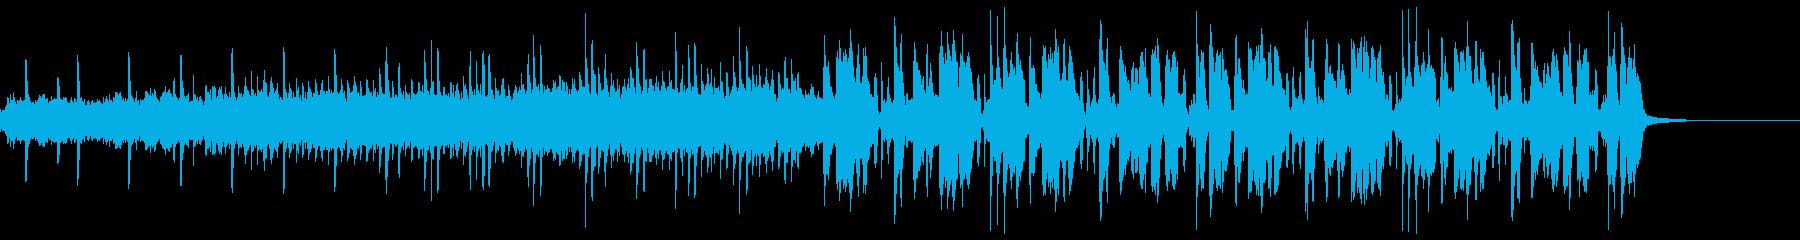 変化球な感じの変則ビートの再生済みの波形